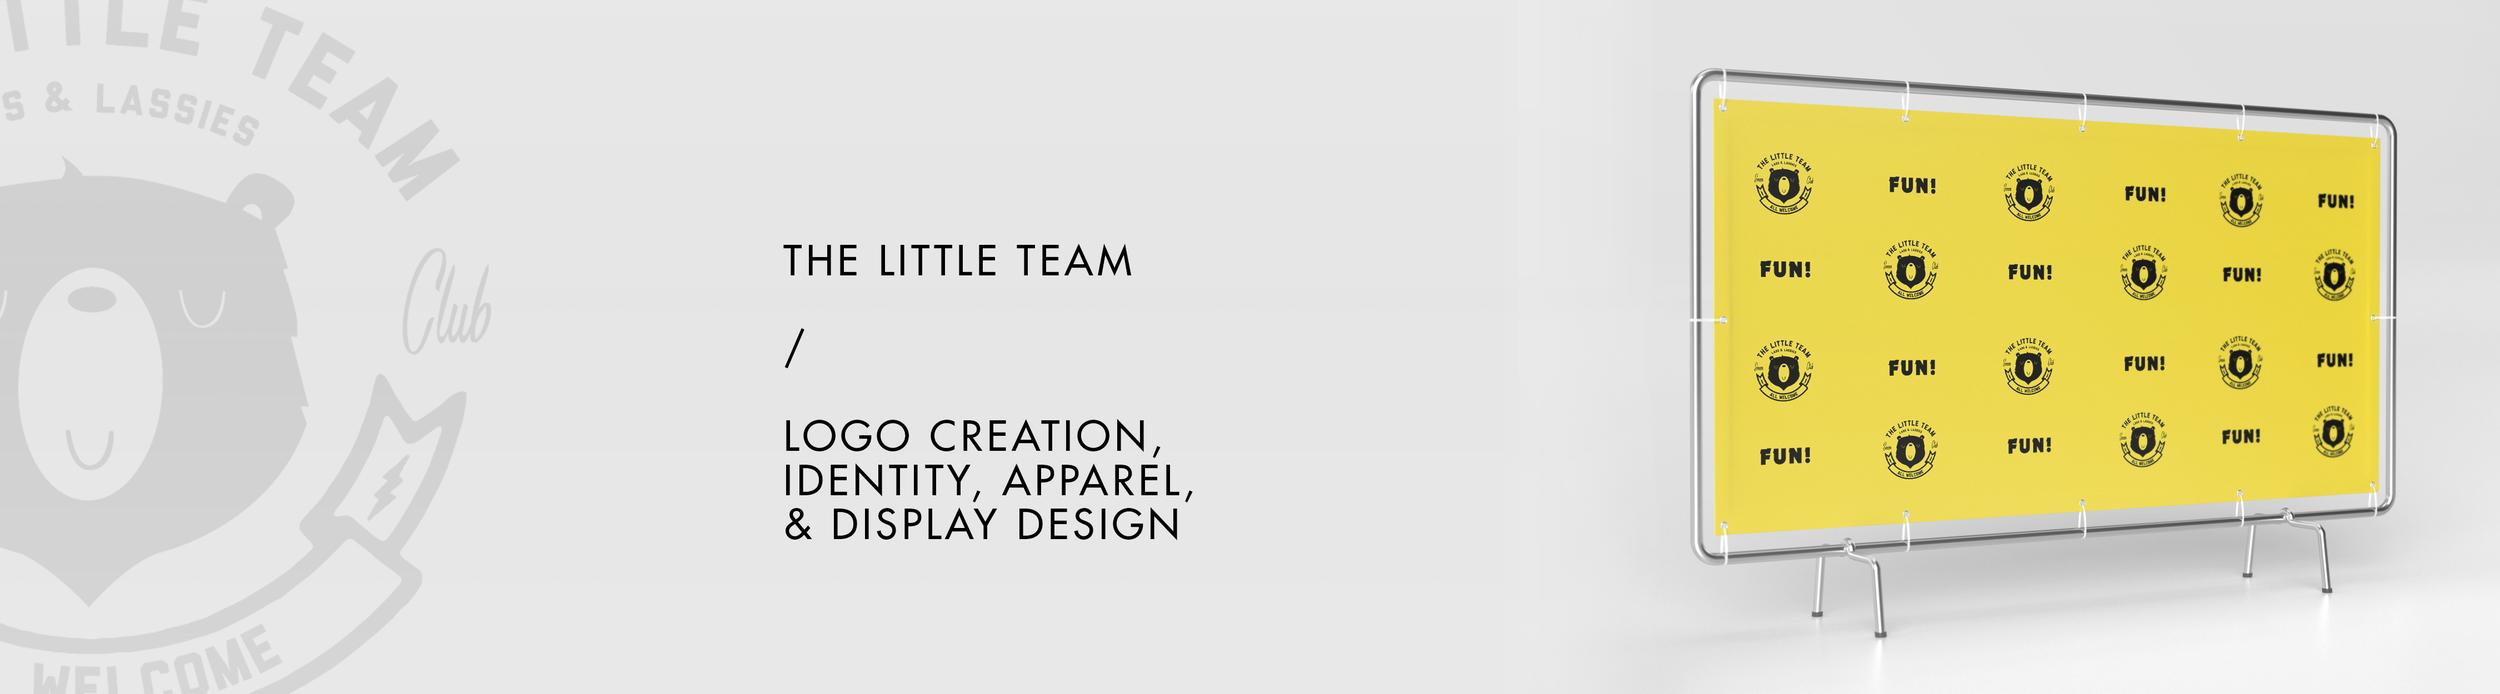 Little Team Display For Website.jpg